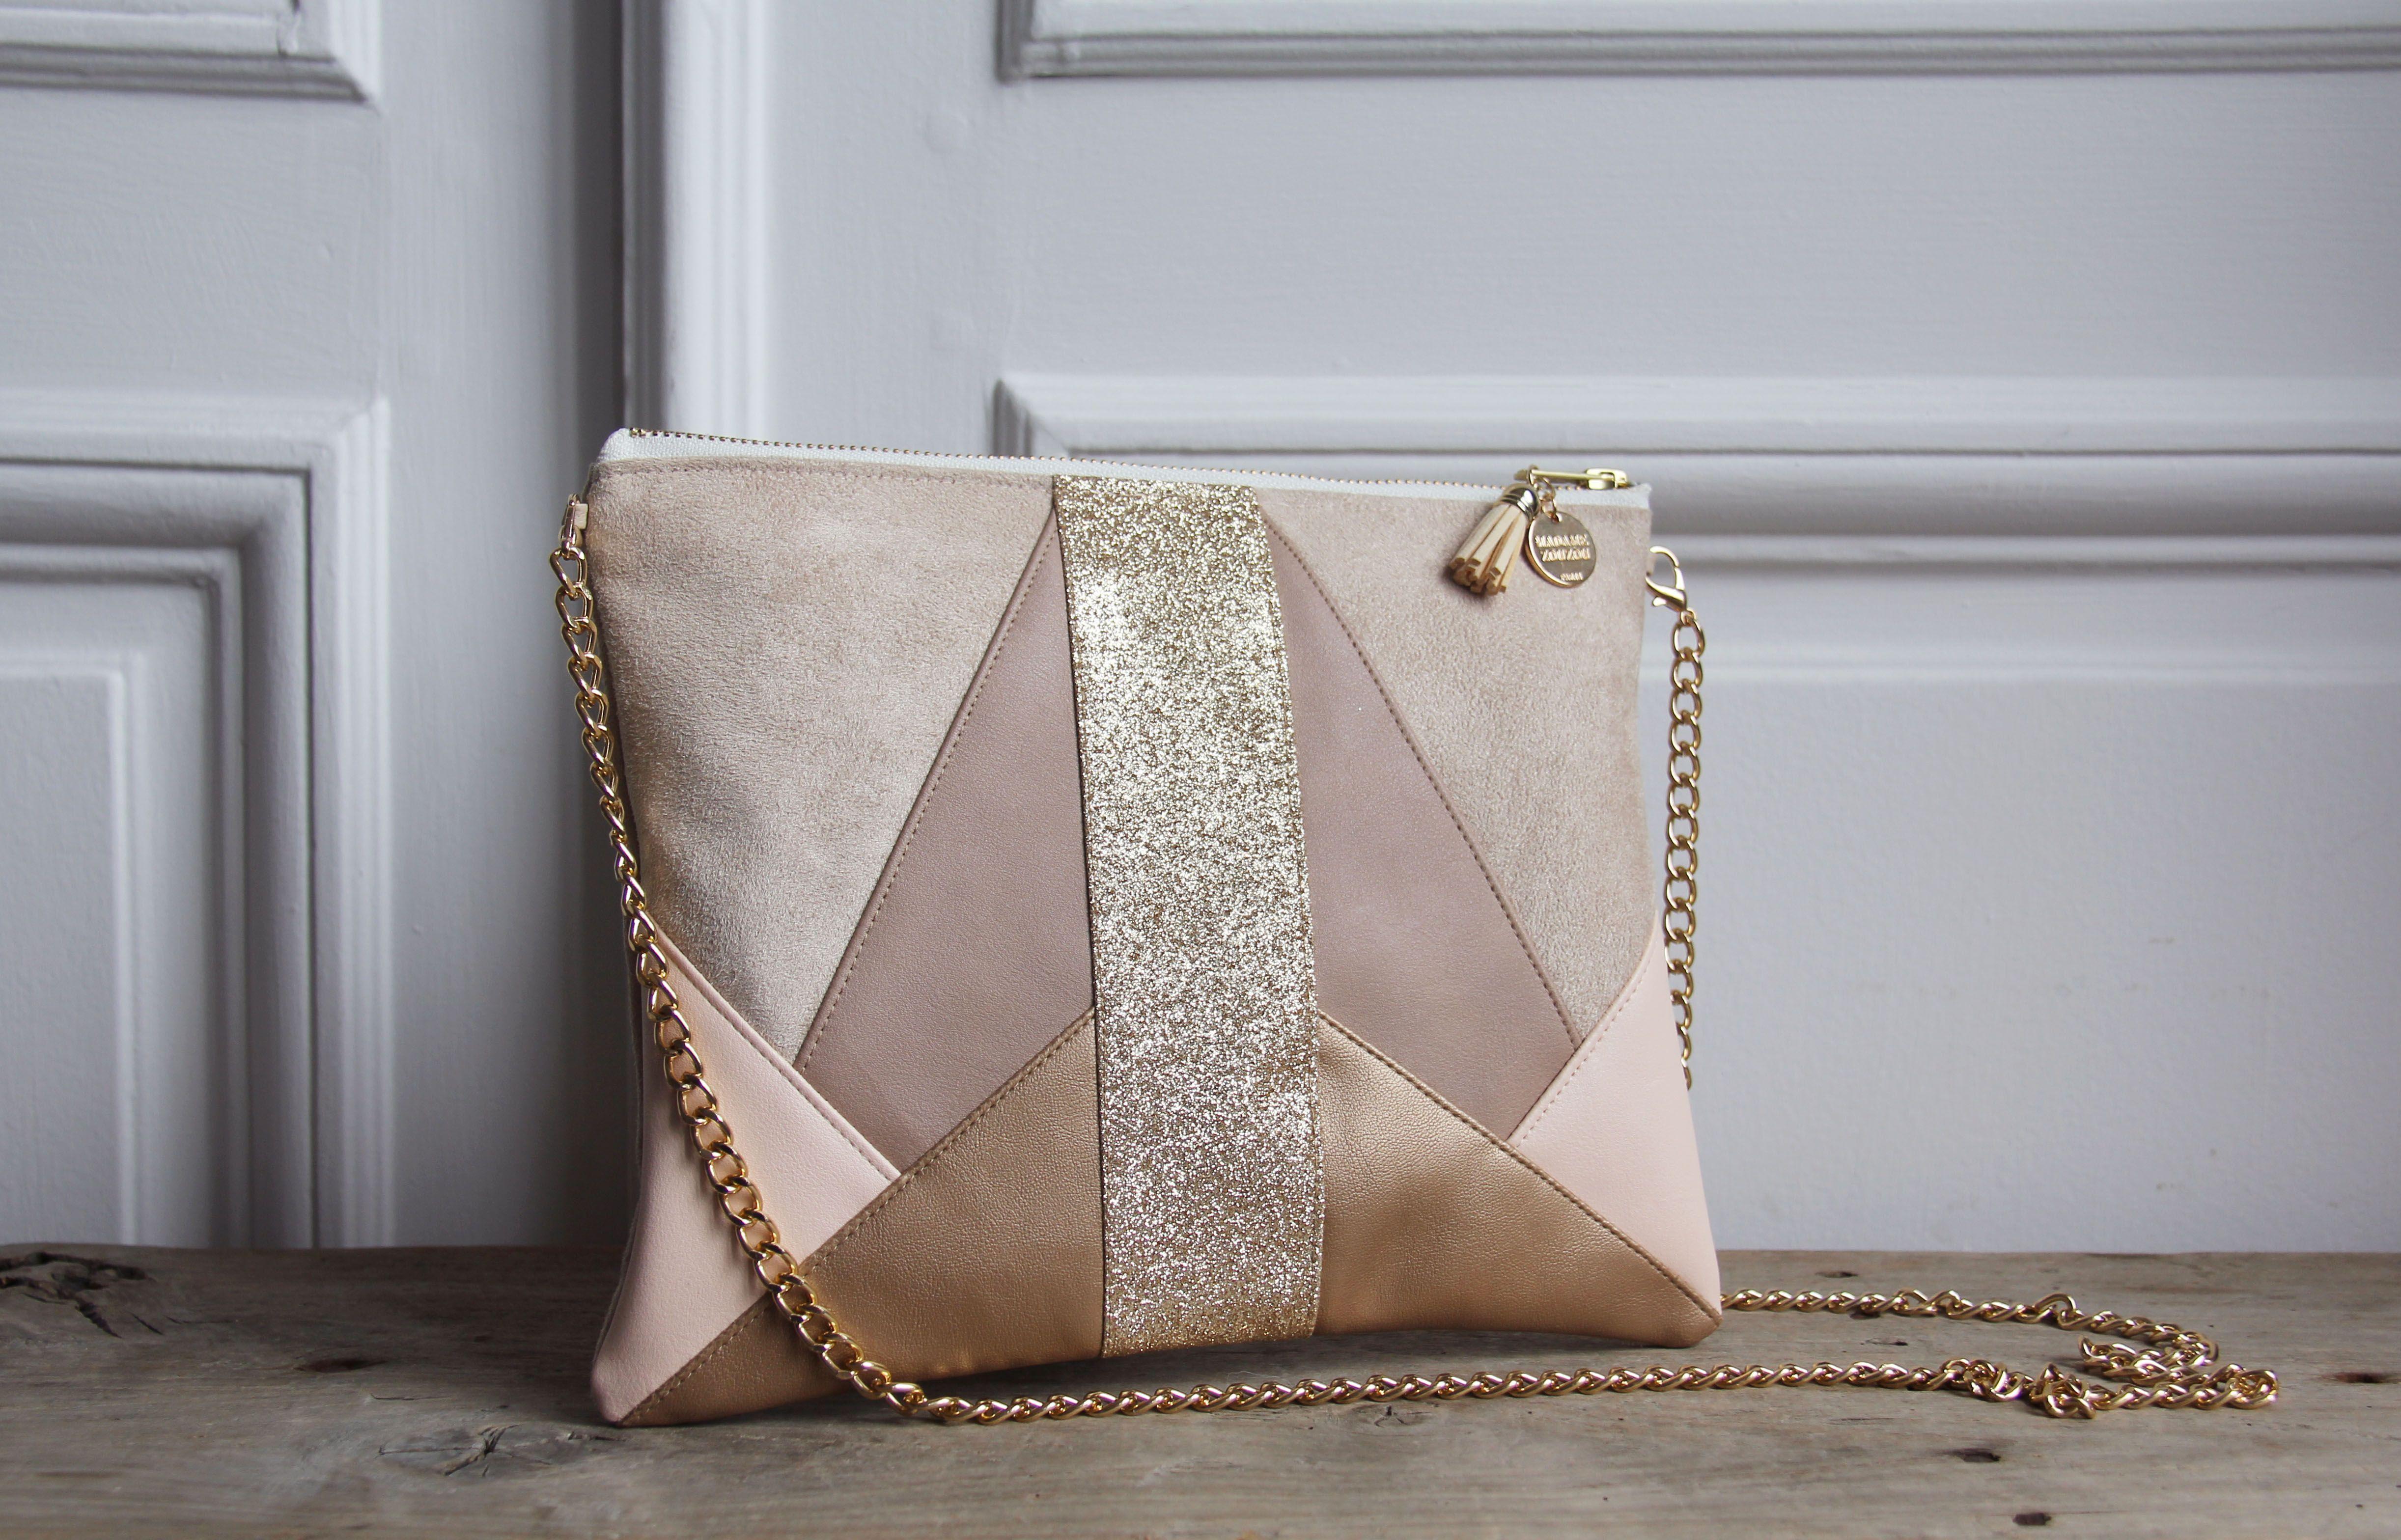 83ab90ea54 Pochette en suédine, simili cuir et tissus à paillettes- Couleurs : écru,  rose clair, beige et doré- Paillettes : dorées- Doublure en coton gris  (suivant ...